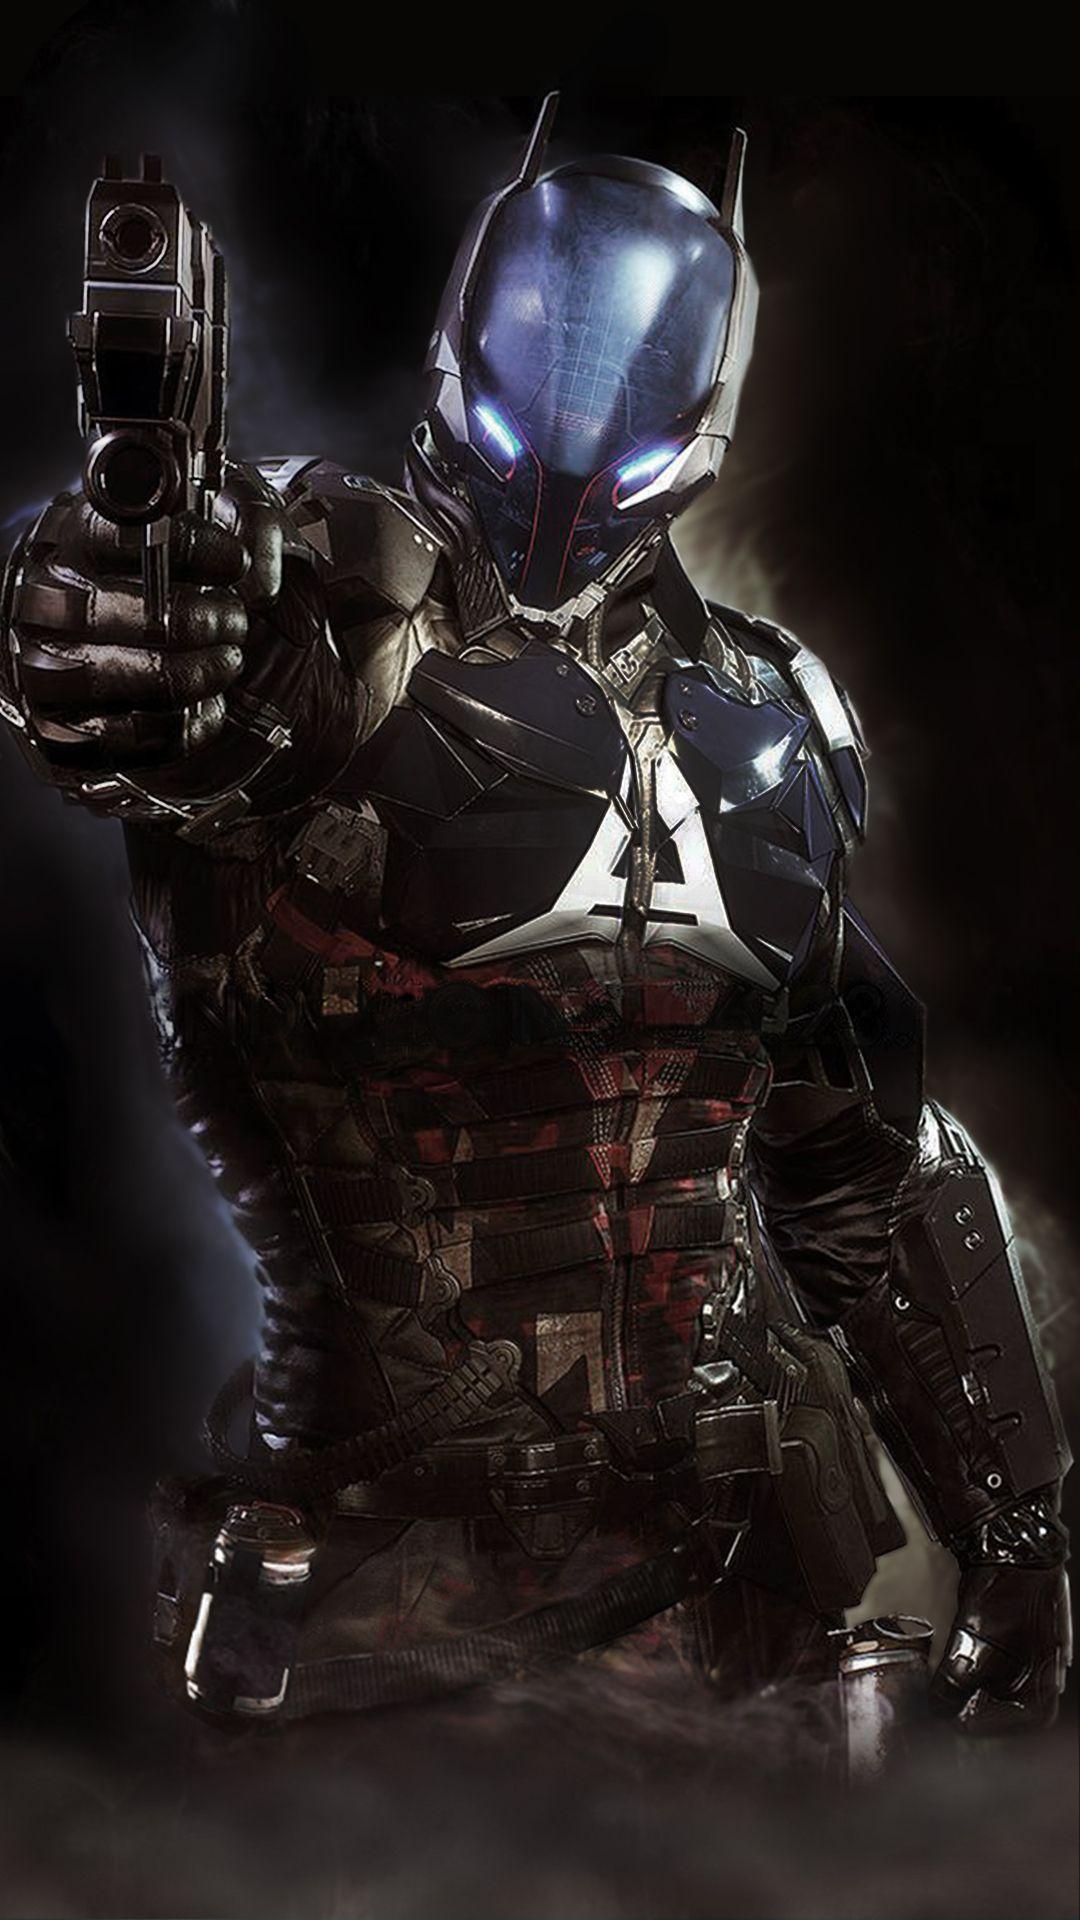 ARKHAM KNIGHT By JPGraphicdeviantart On DeviantArt Batman Arkham Series